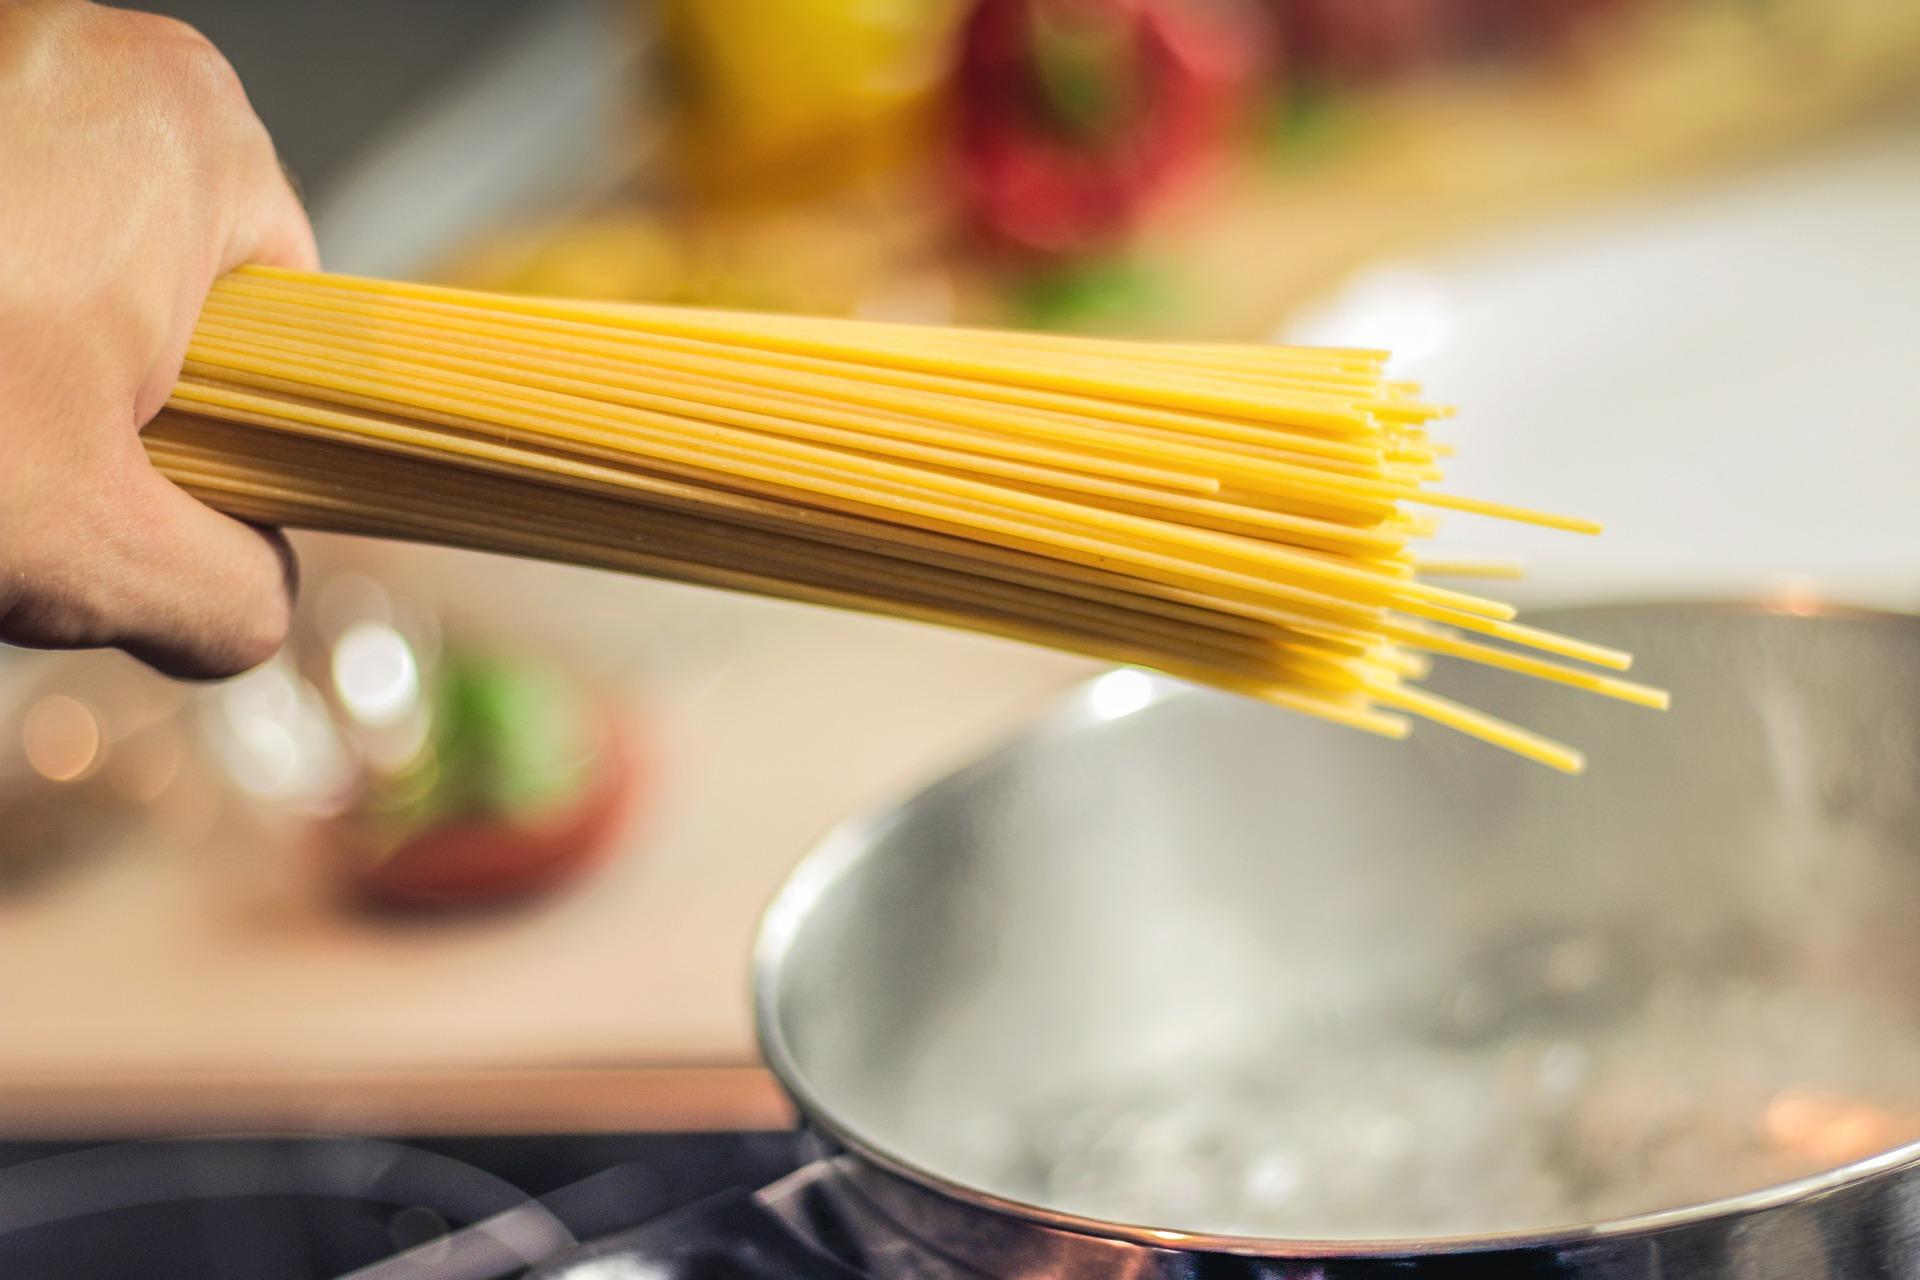 La produzione industriale di pasta in Italia